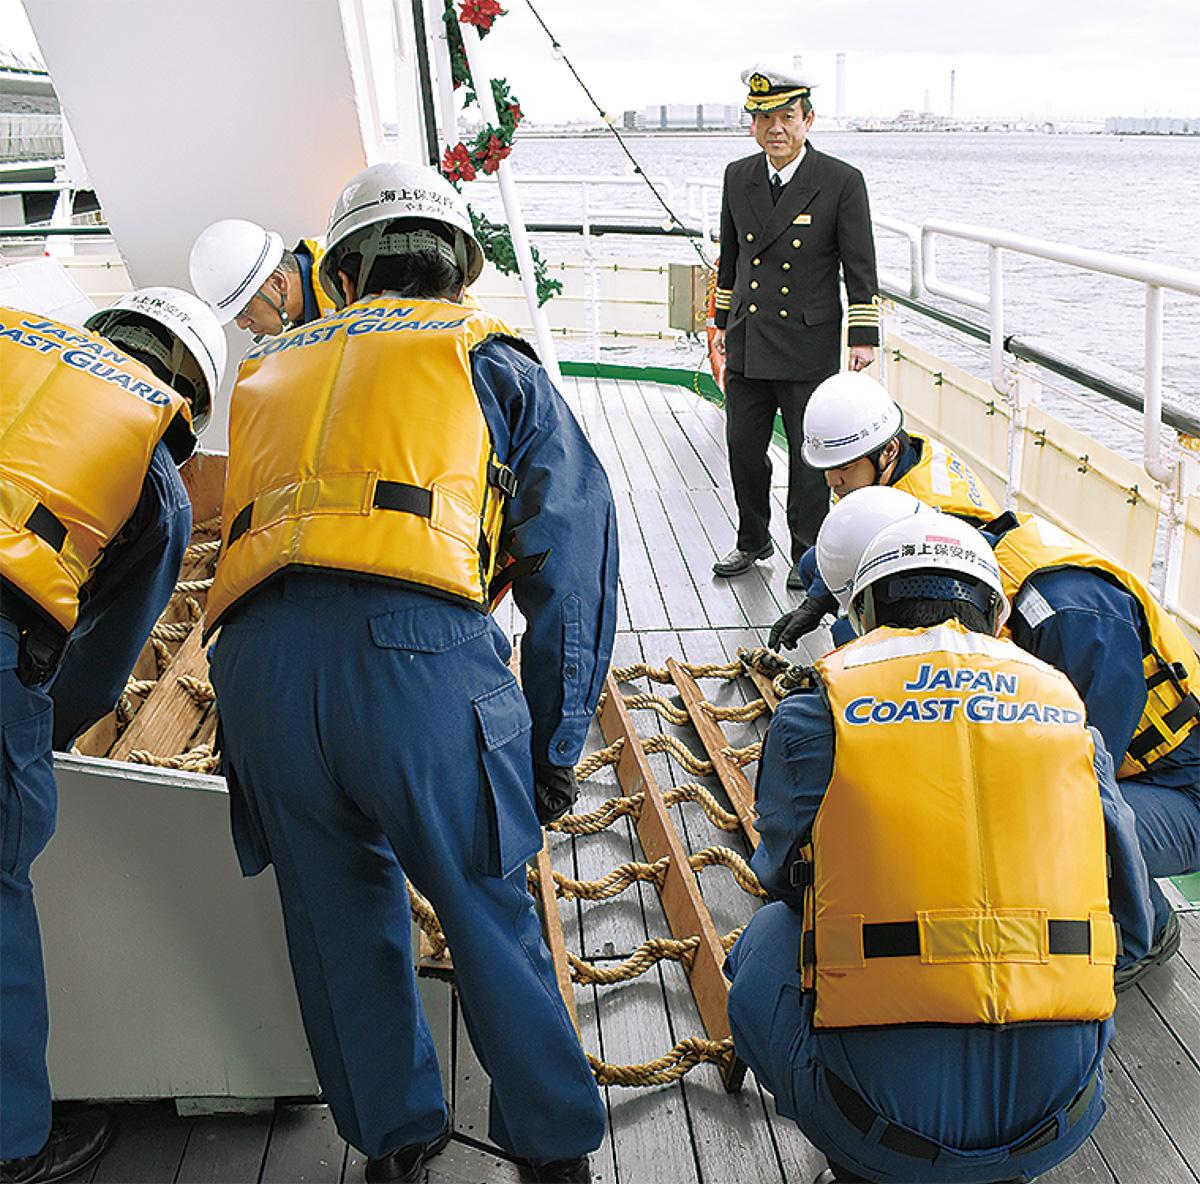 旅客船を安全指導